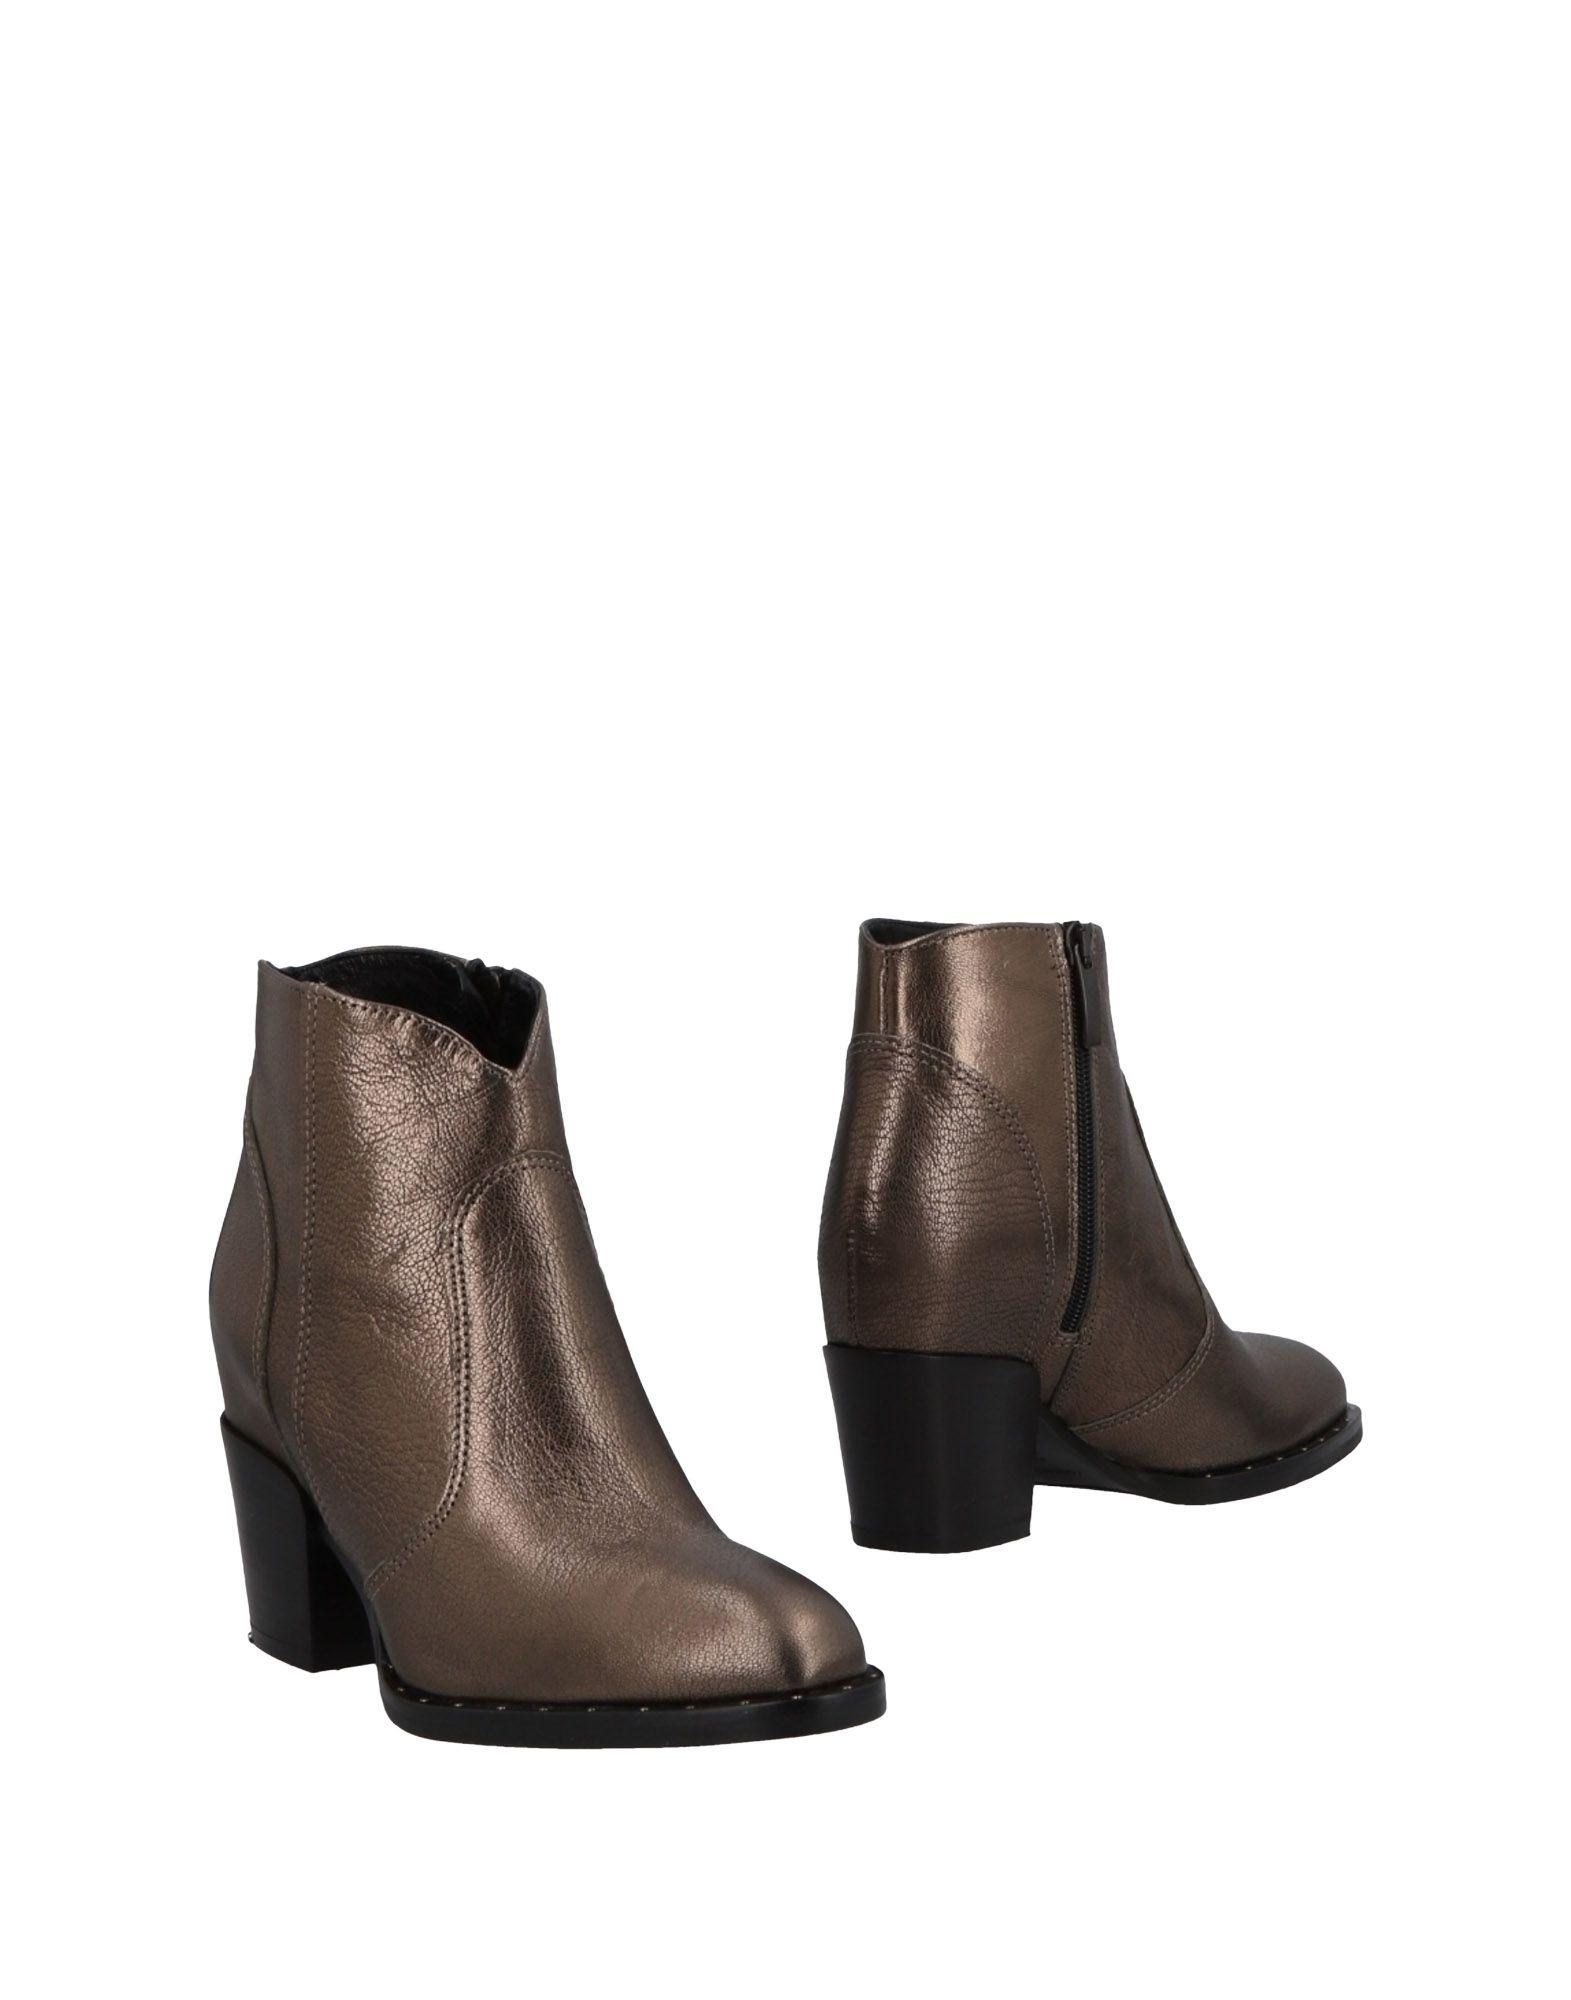 Lorenzo Mari Stiefelette Damen    11480319BJ Gute Qualität beliebte Schuhe 25858c